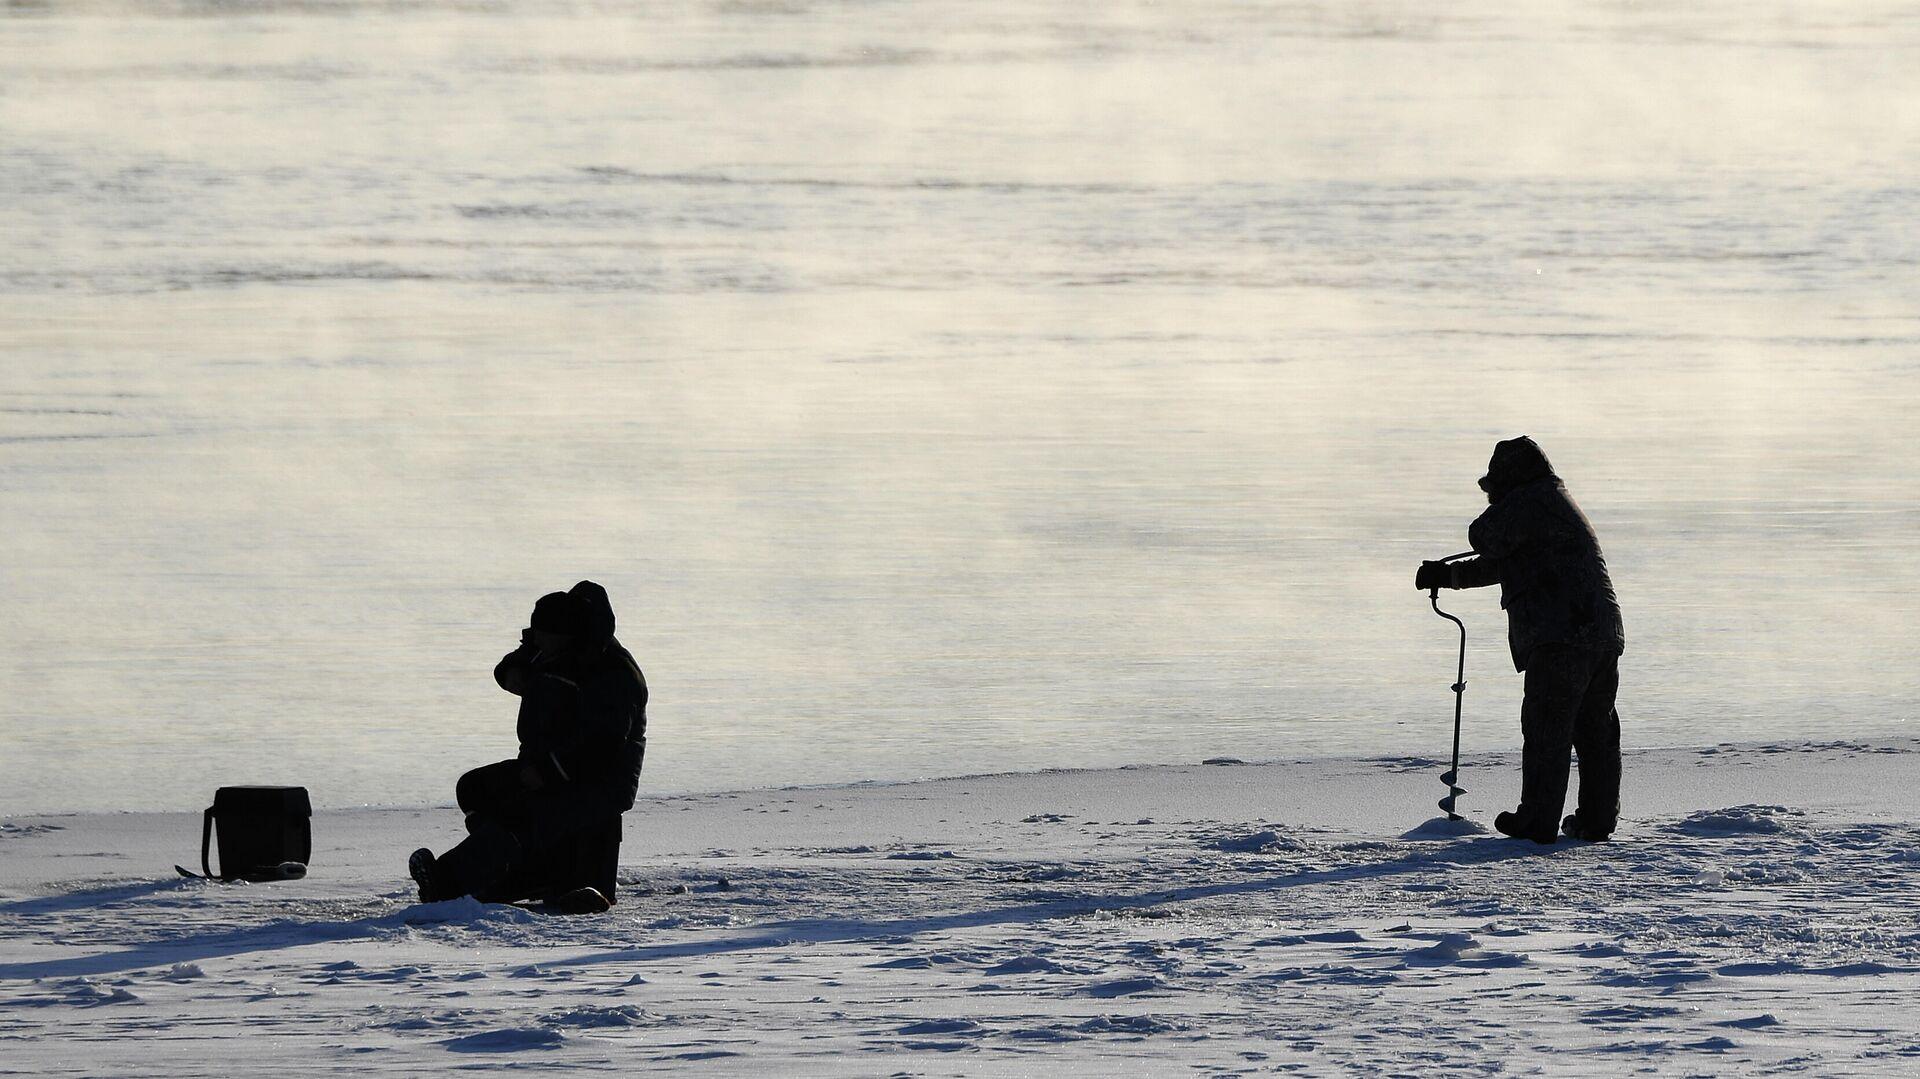 Зимняя рыбалка на ледяном поле на реке Енисей в Красноярске - РИА Новости, 1920, 06.02.2021